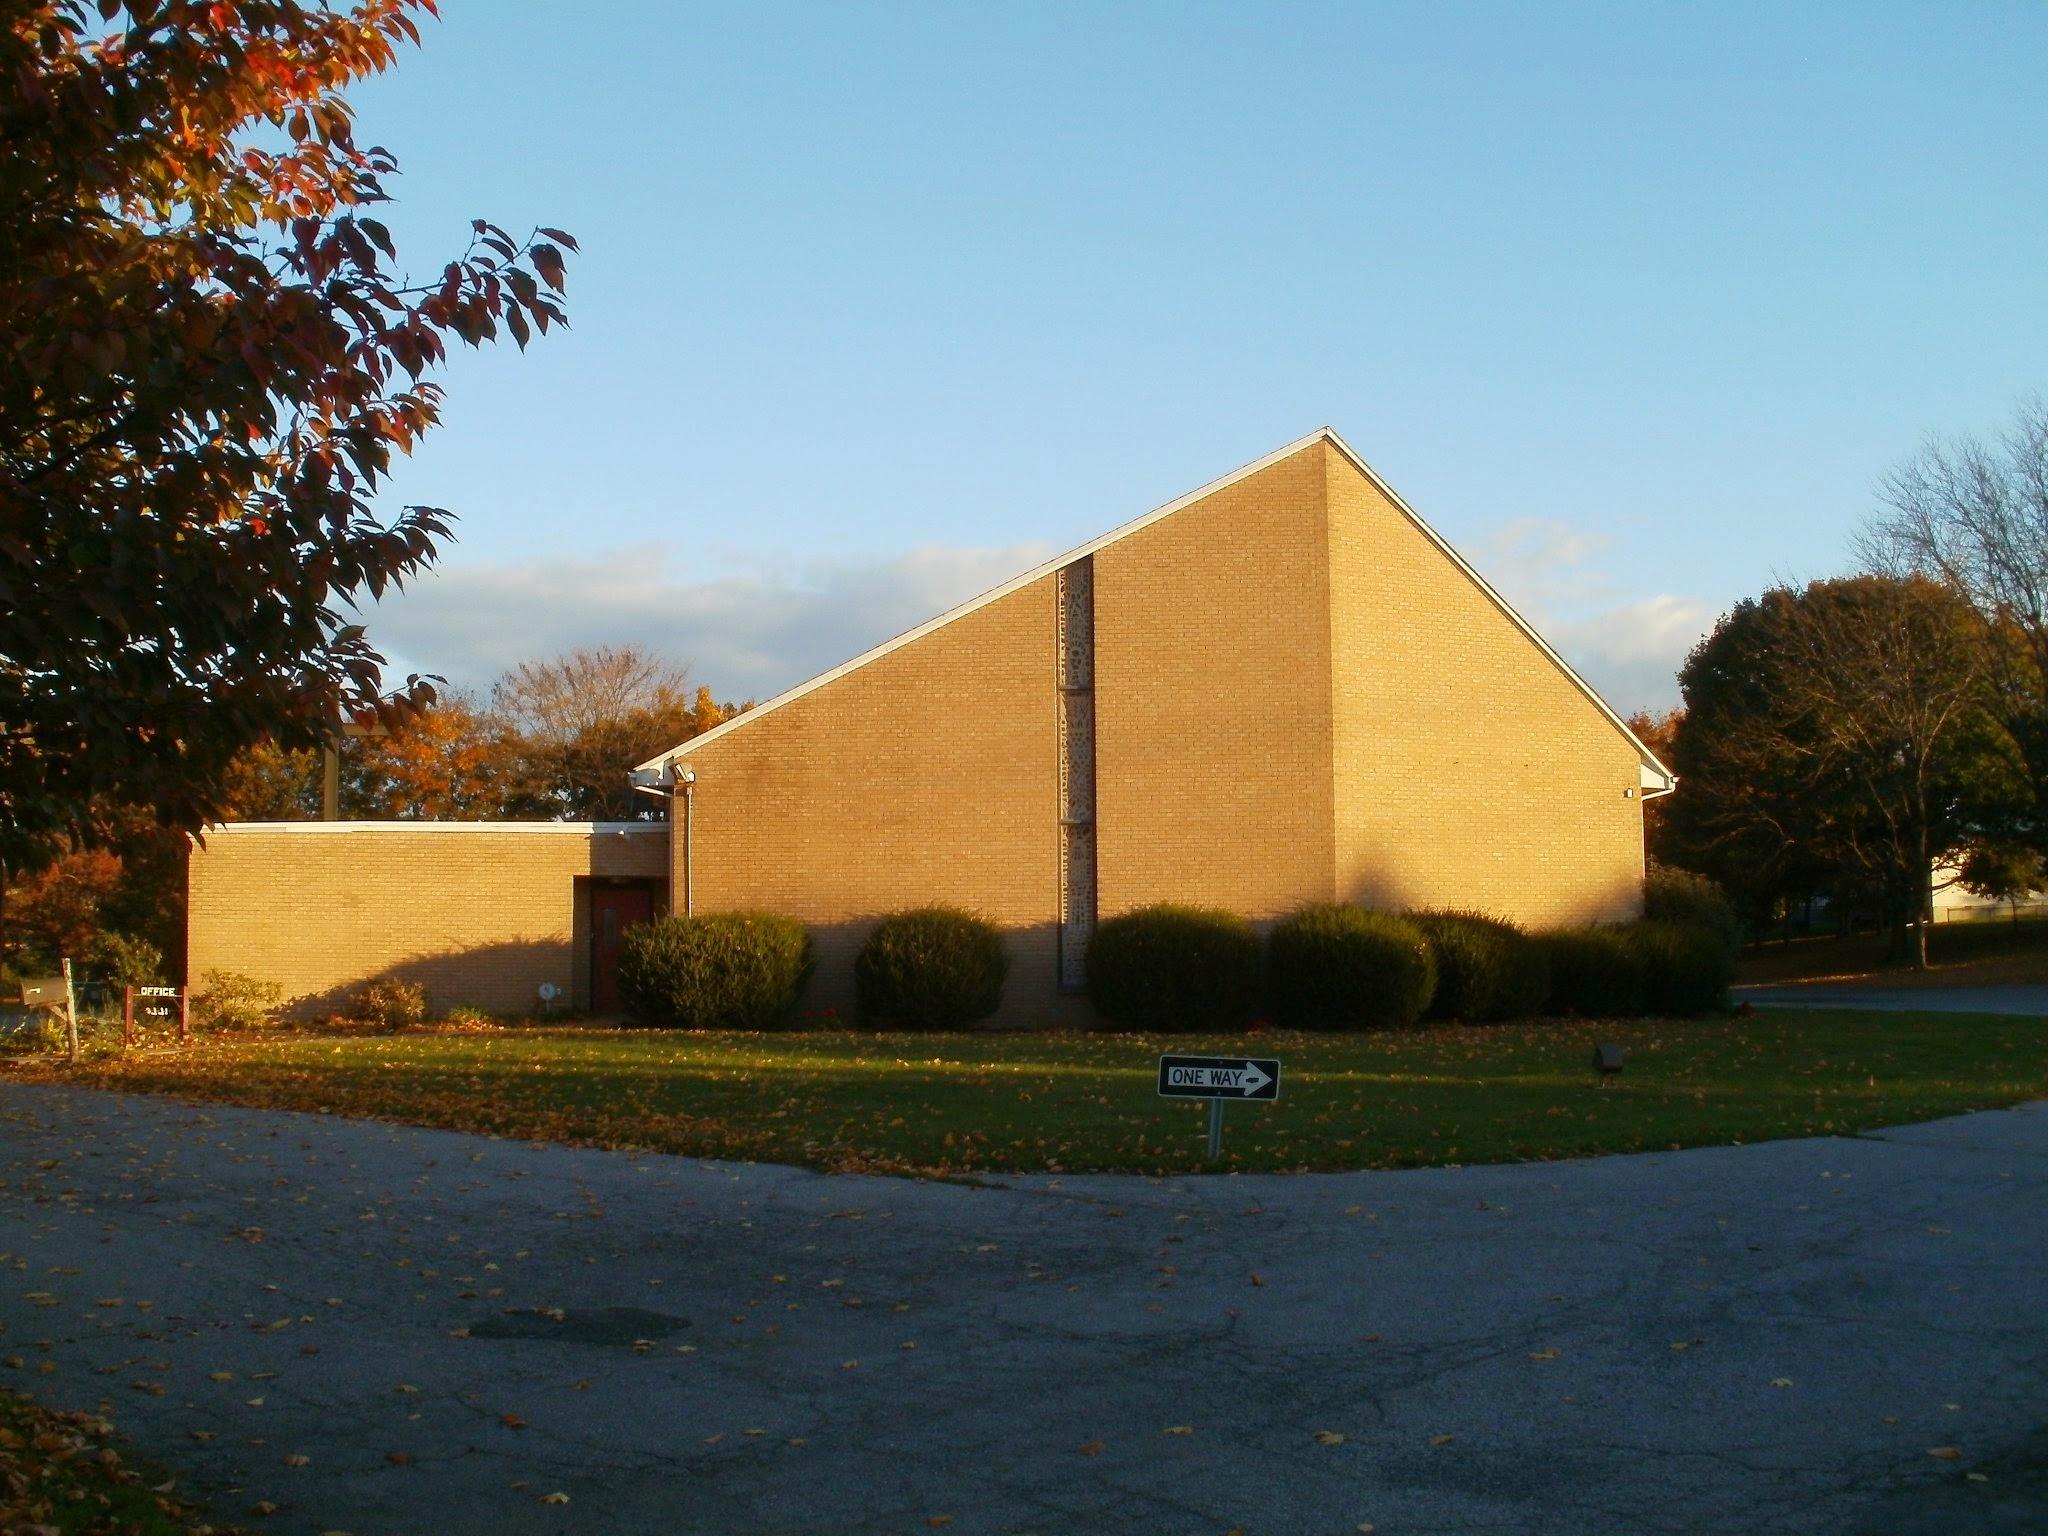 st. mark's church building